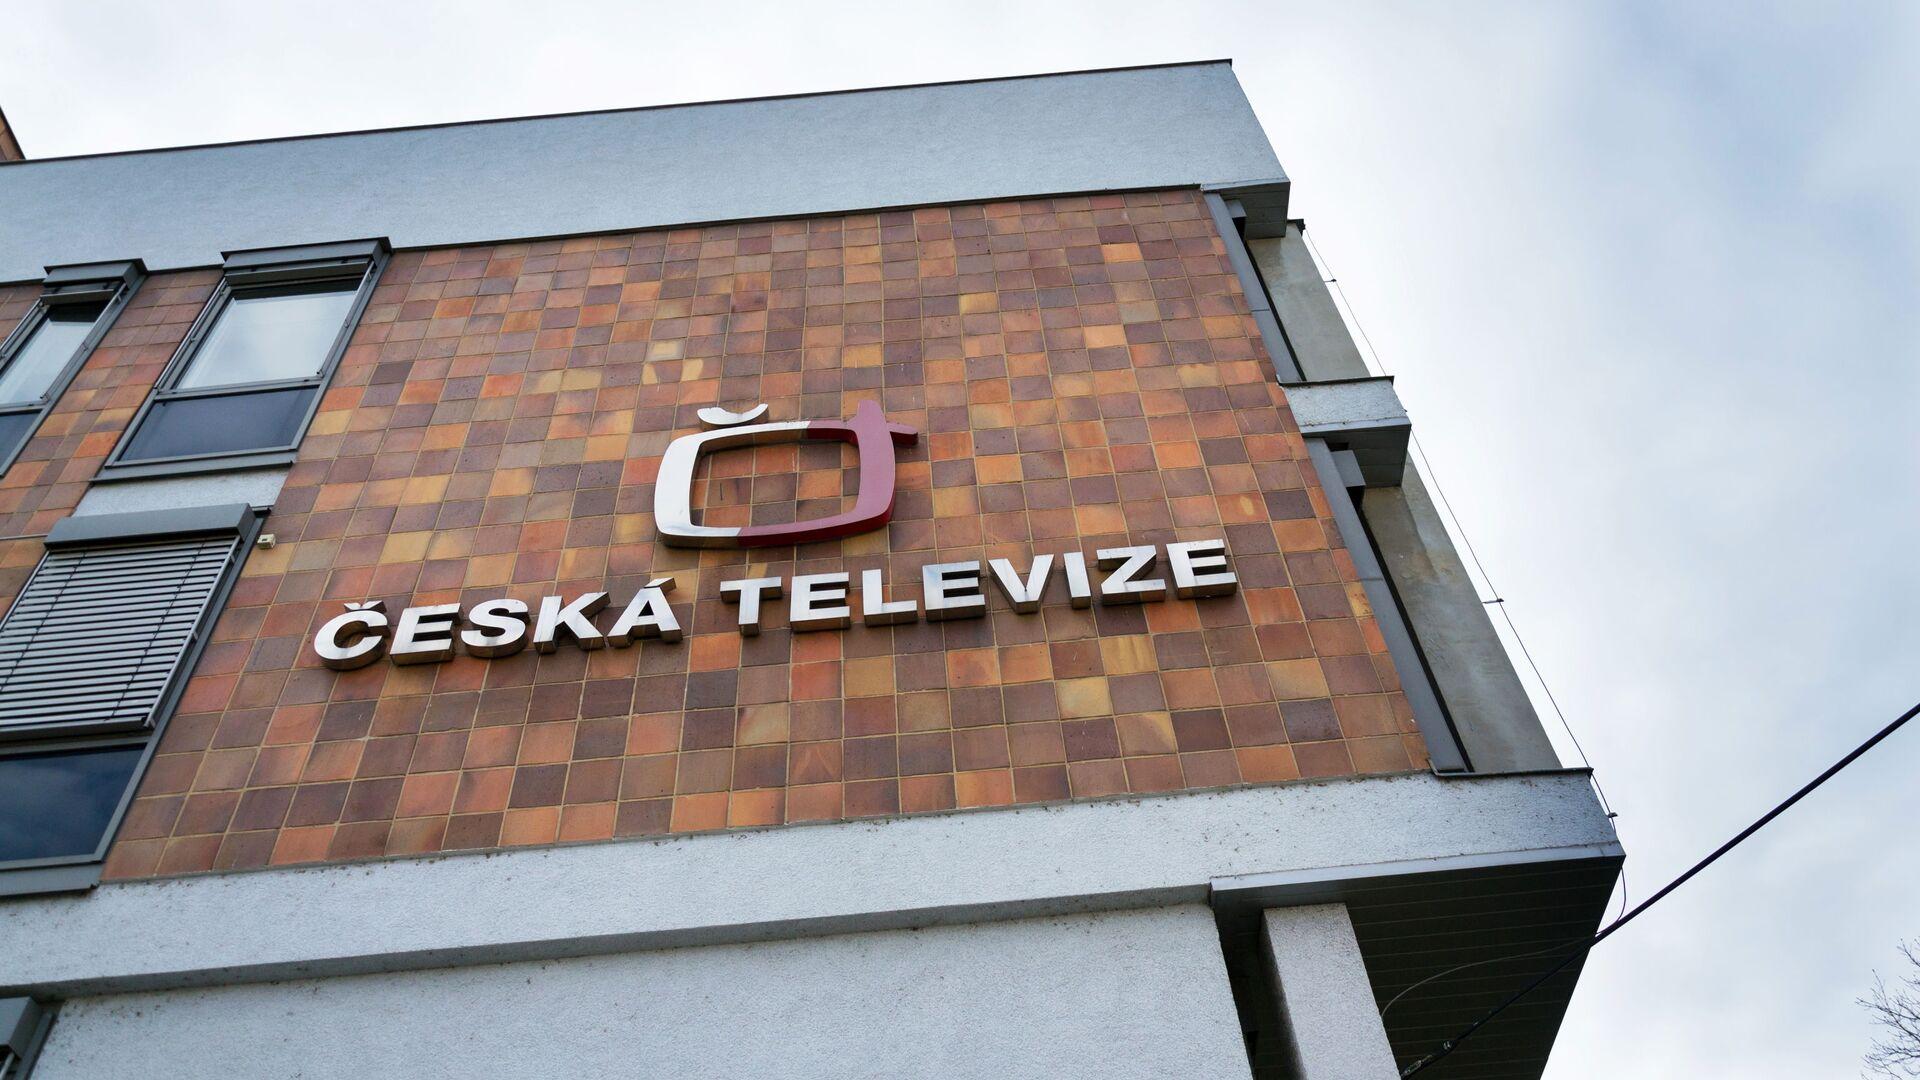 Česká televize - Sputnik Česká republika, 1920, 25.08.2021